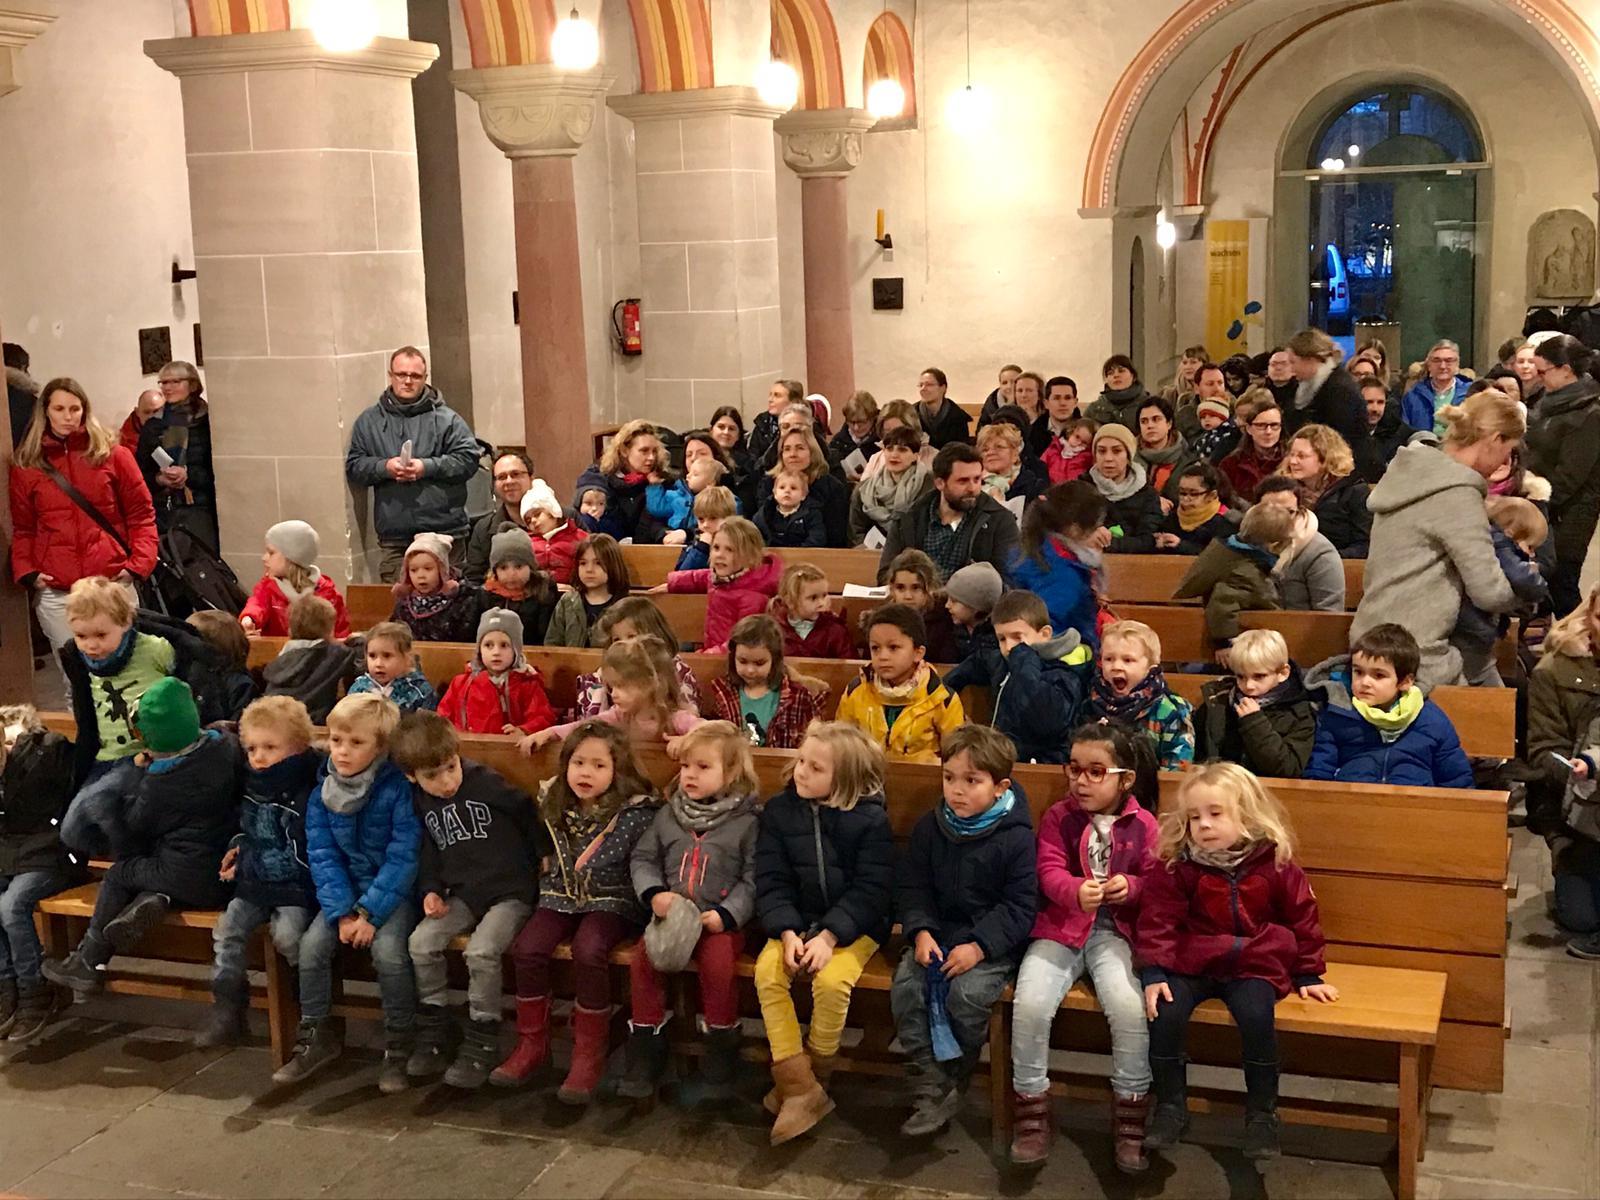 20181219_Luciuskirche_012